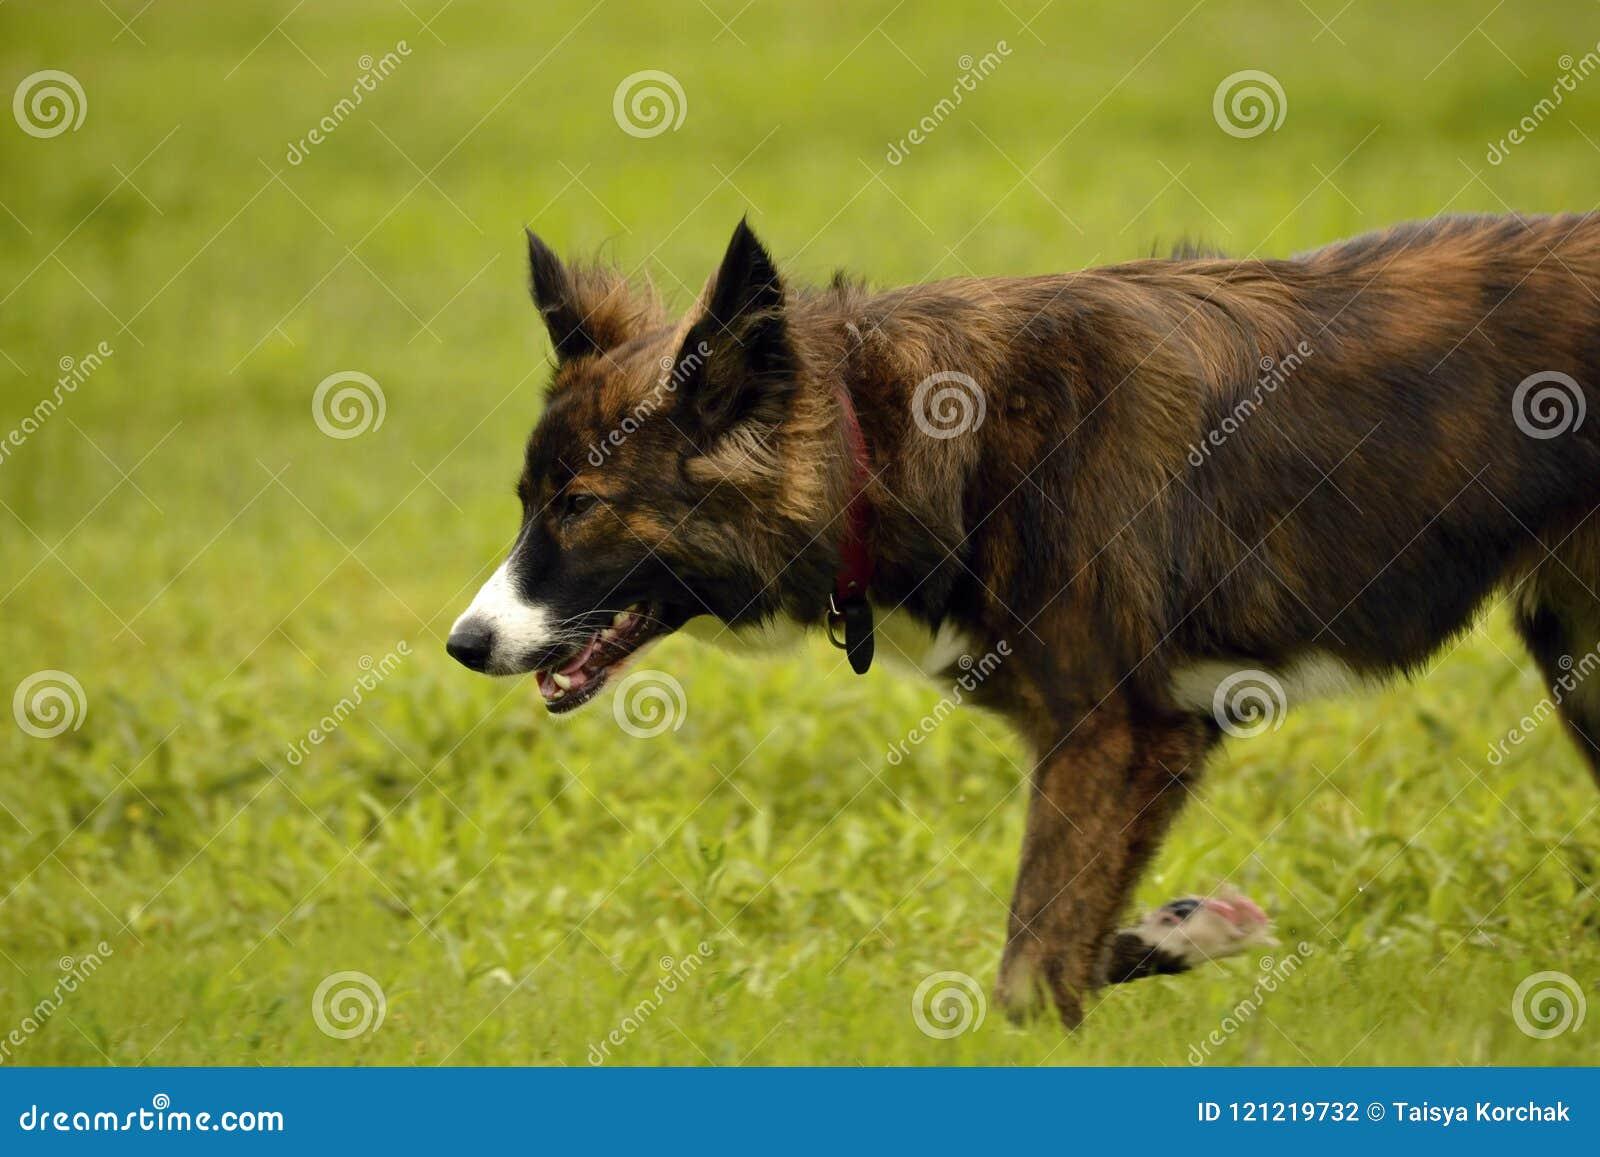 Gefühle von Tieren Junger Energiehund auf einem Weg Welpenbildung, cynology, intensives Training von jungen Hunden Gehende Hunde